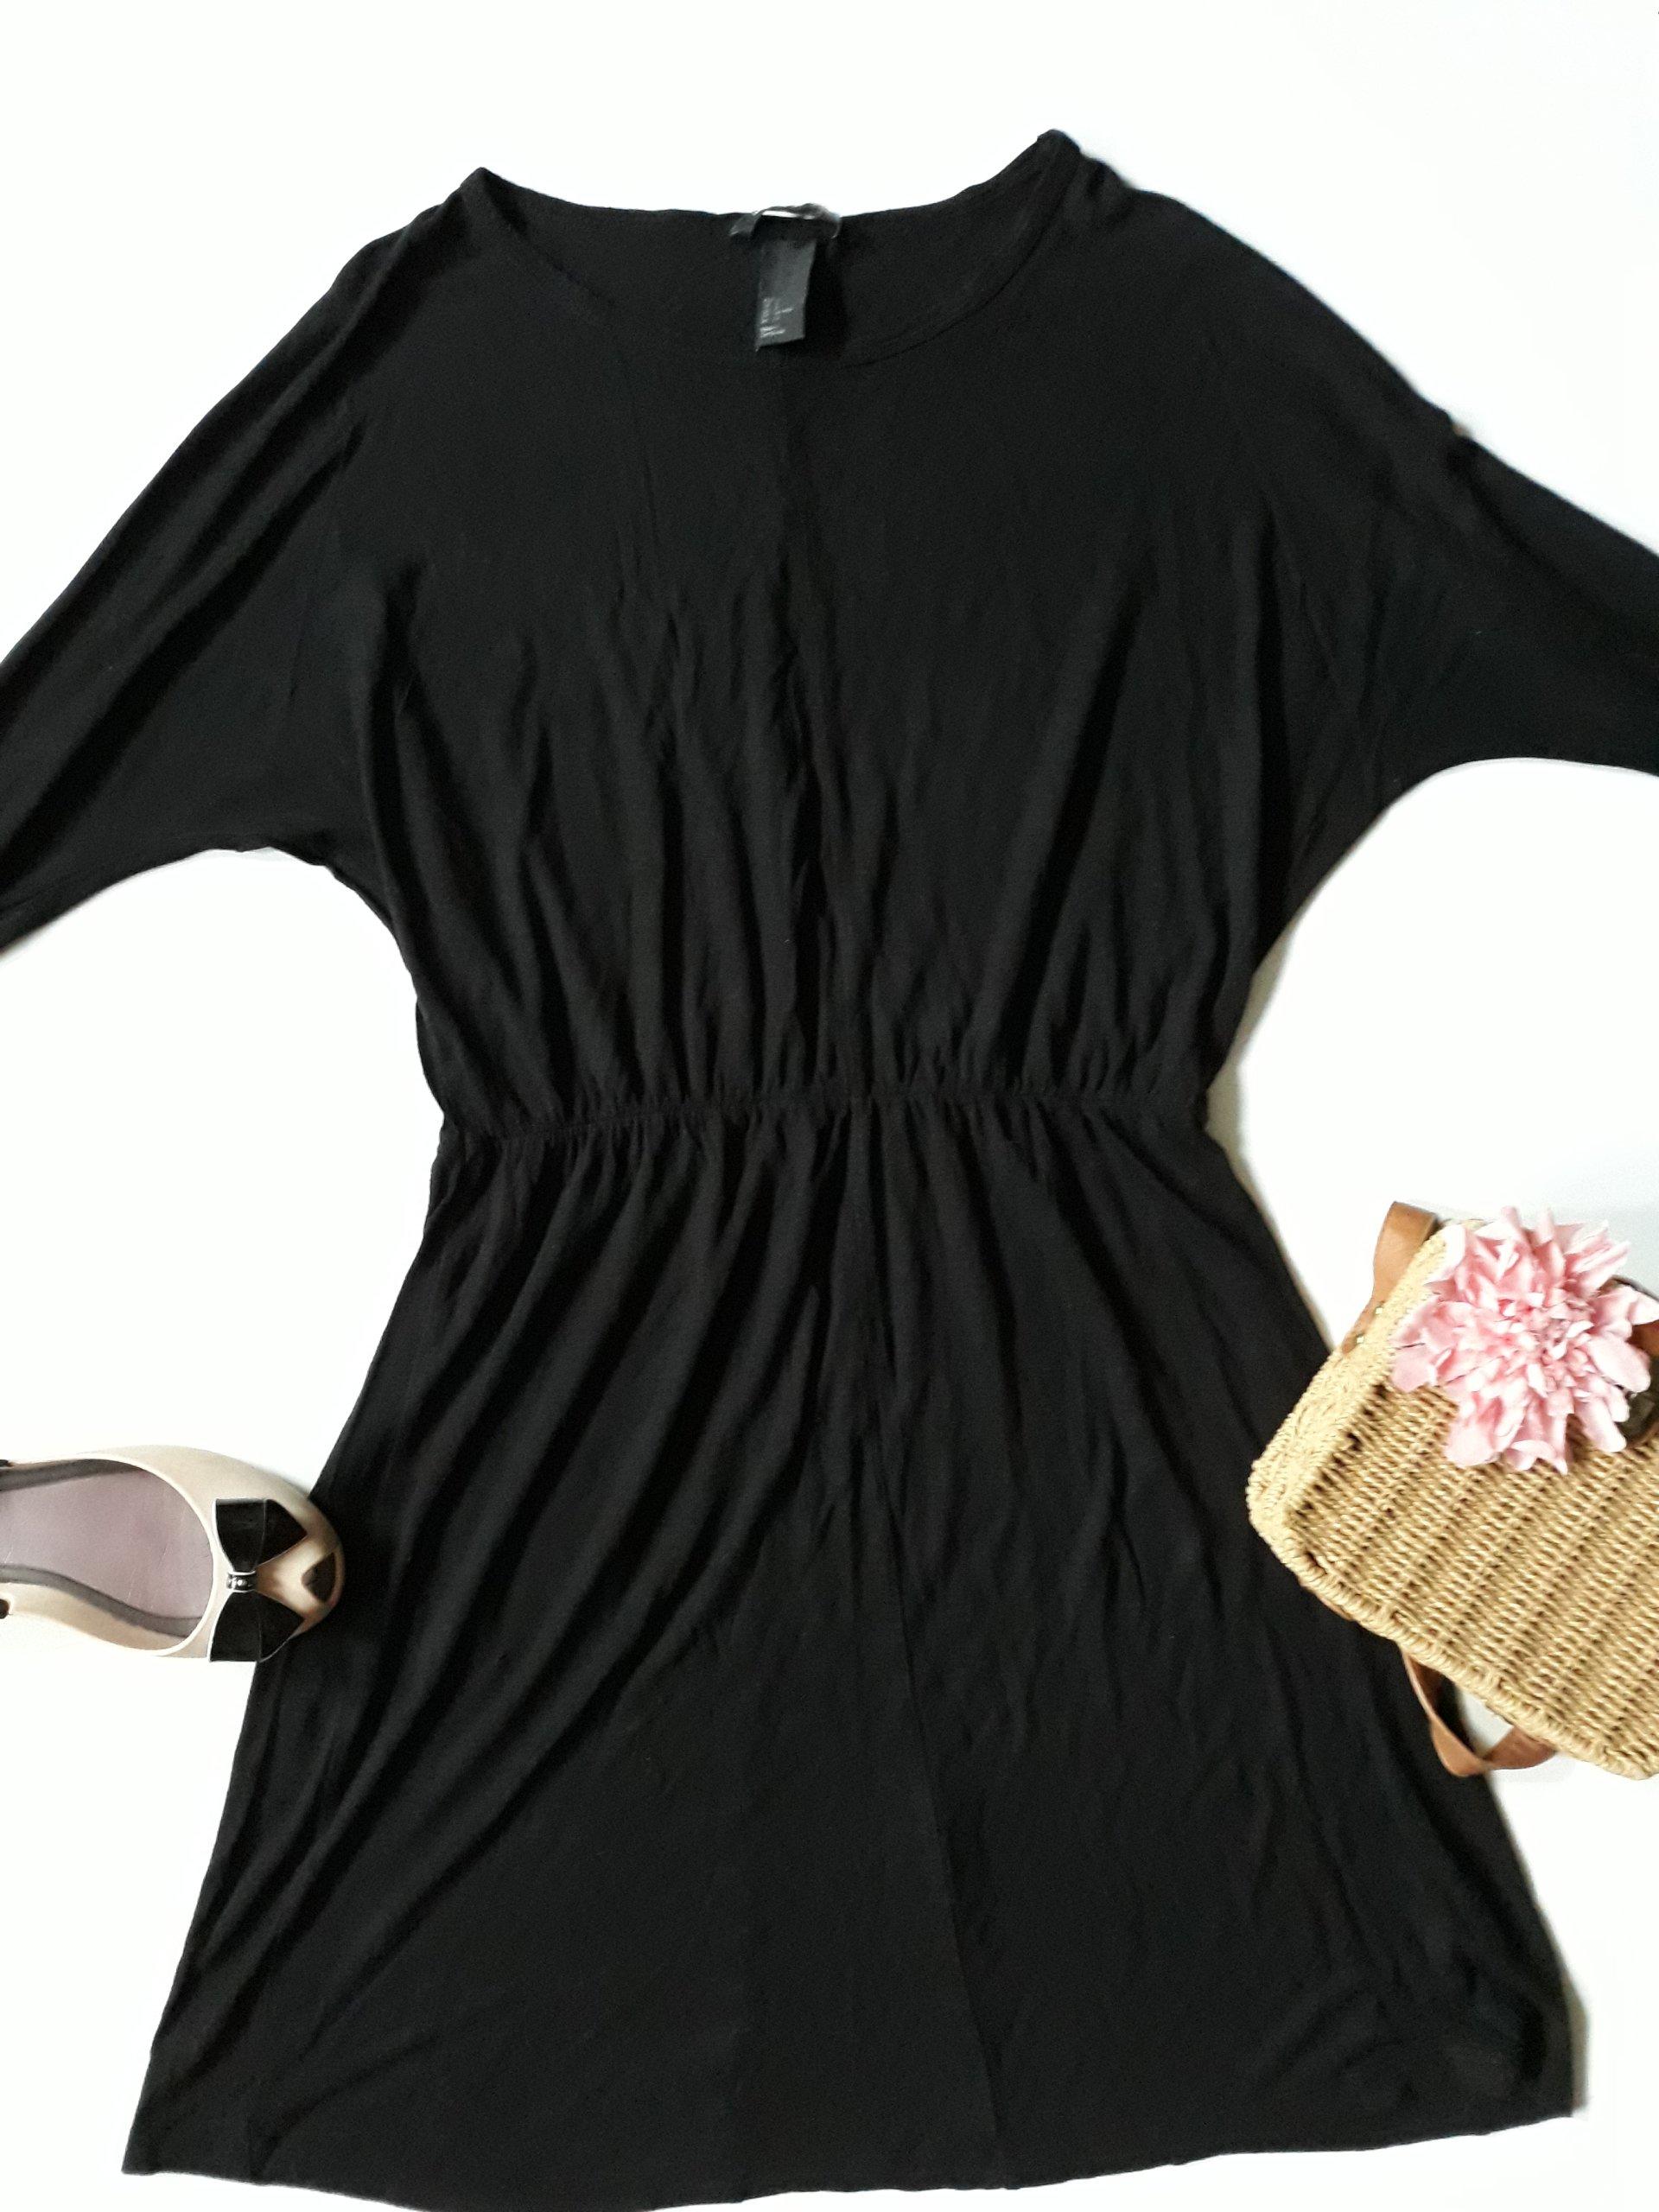 Sukienka H&M 36 S łączona paski z kieszeniami spódniczka i